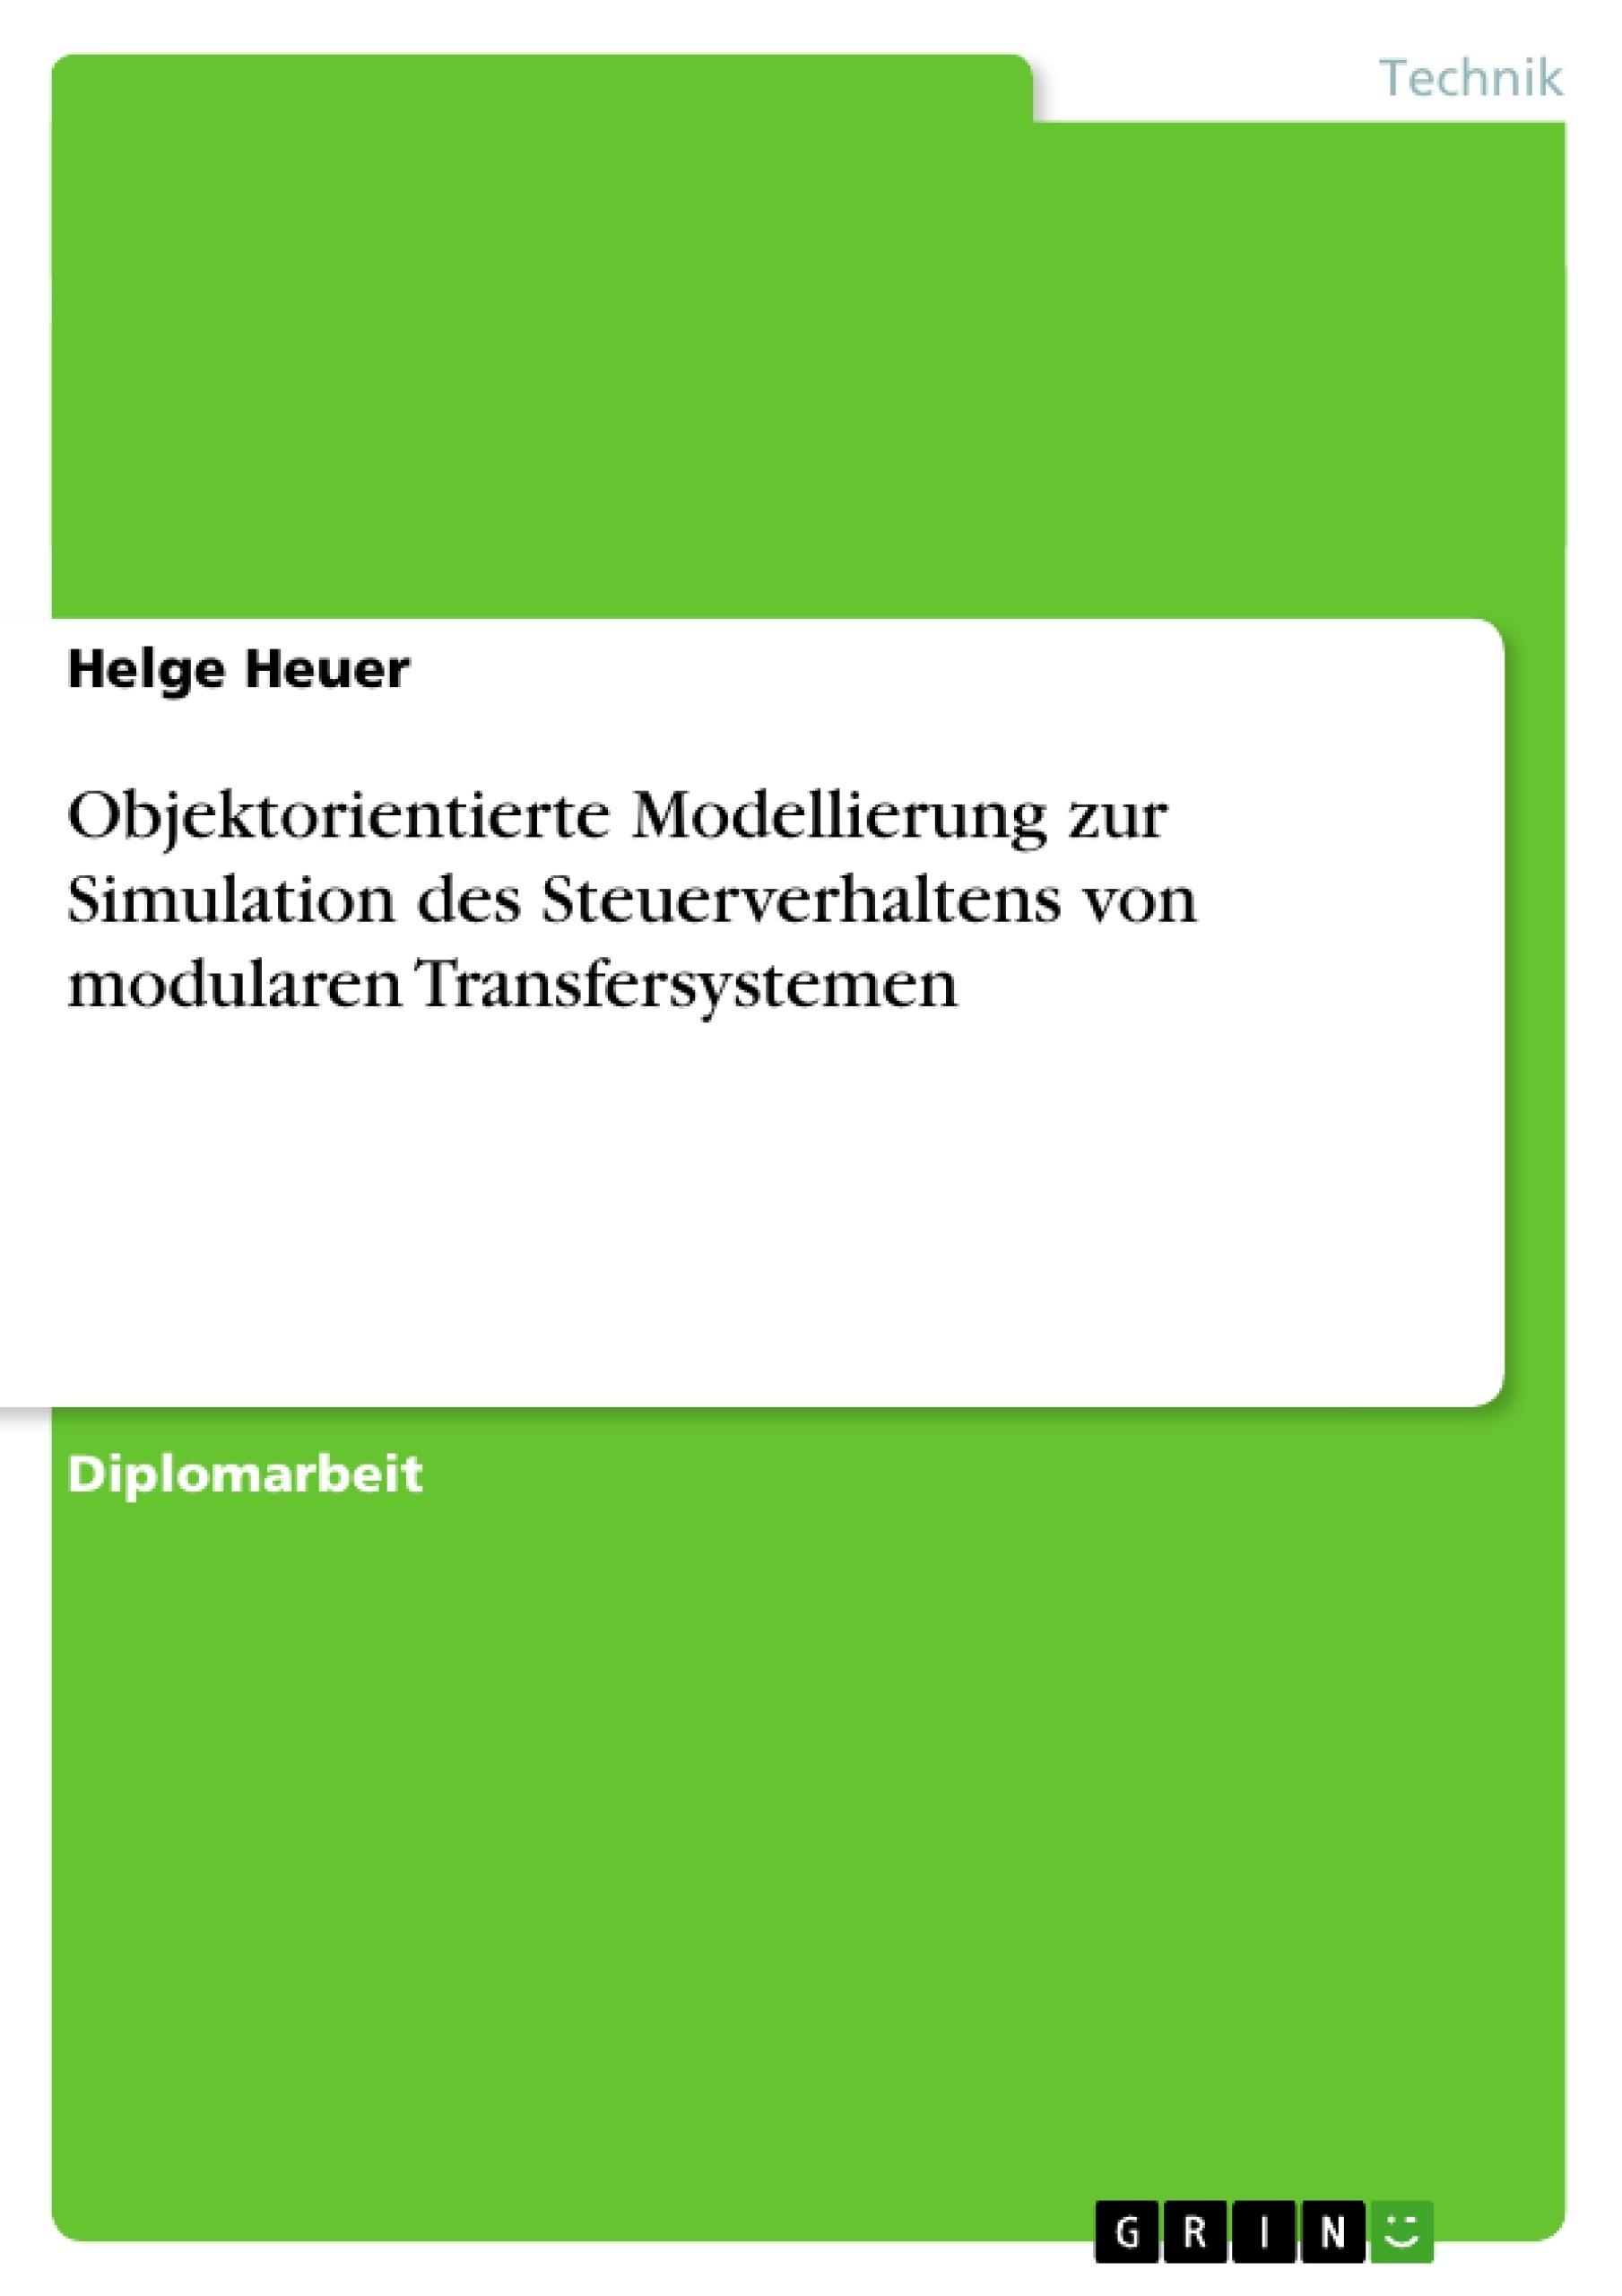 Titel: Objektorientierte Modellierung zur Simulation des Steuerverhaltens von modularen Transfersystemen